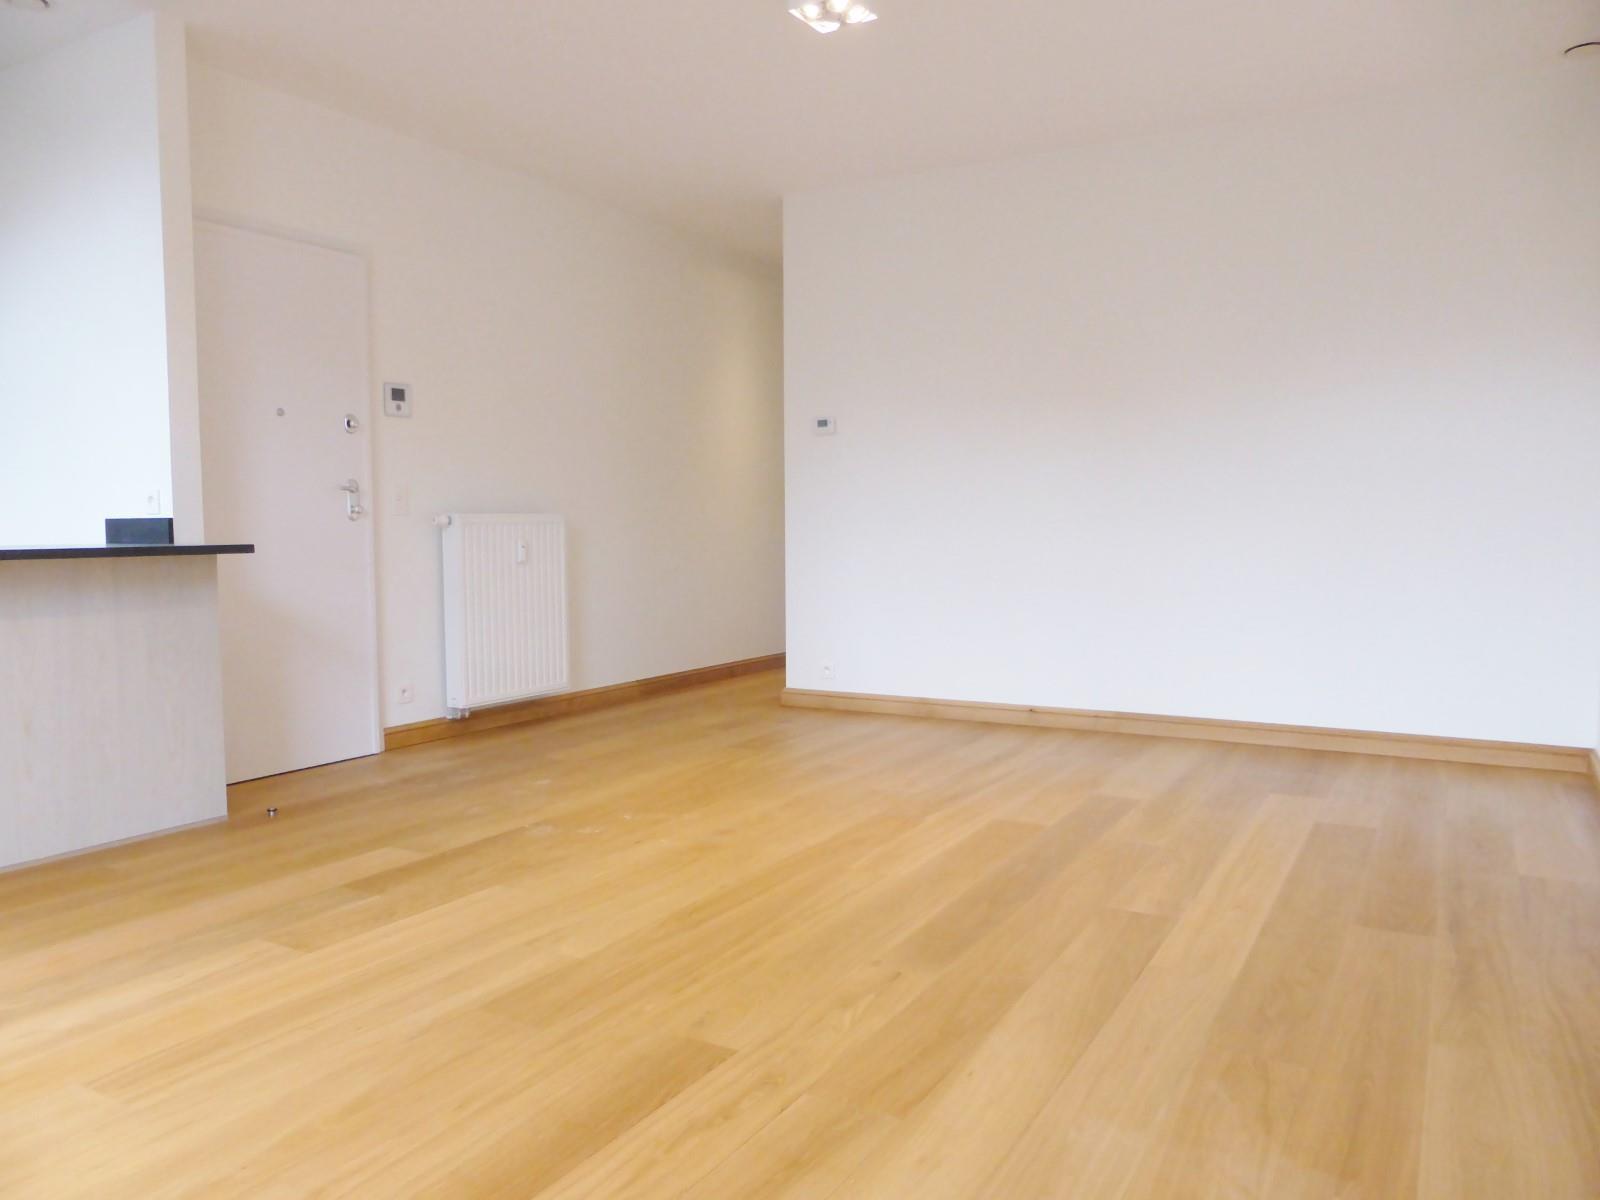 Appartement exceptionnel - Bruxelles - #4094385-30